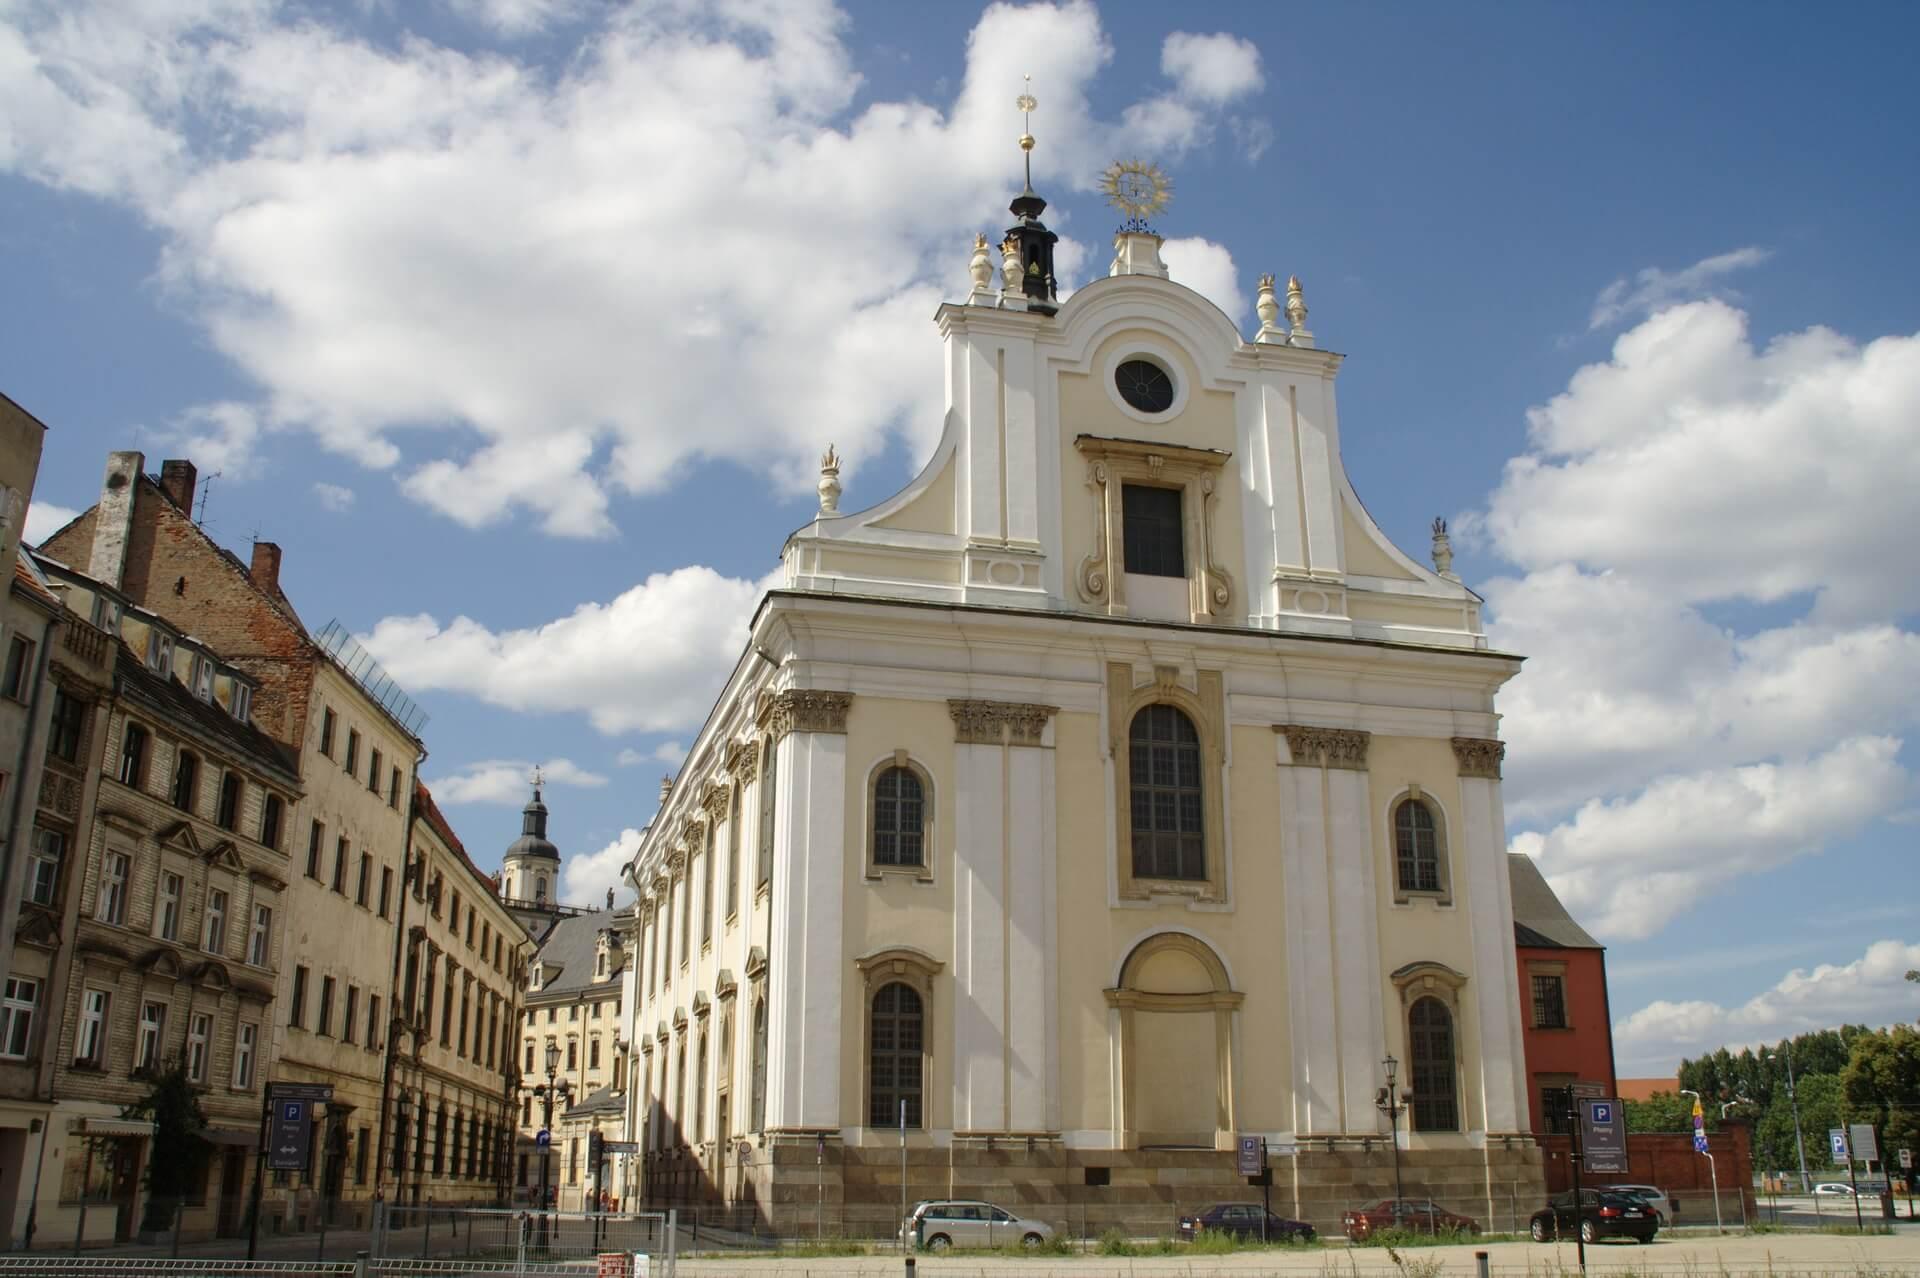 Rental Car in Wroclaw 2